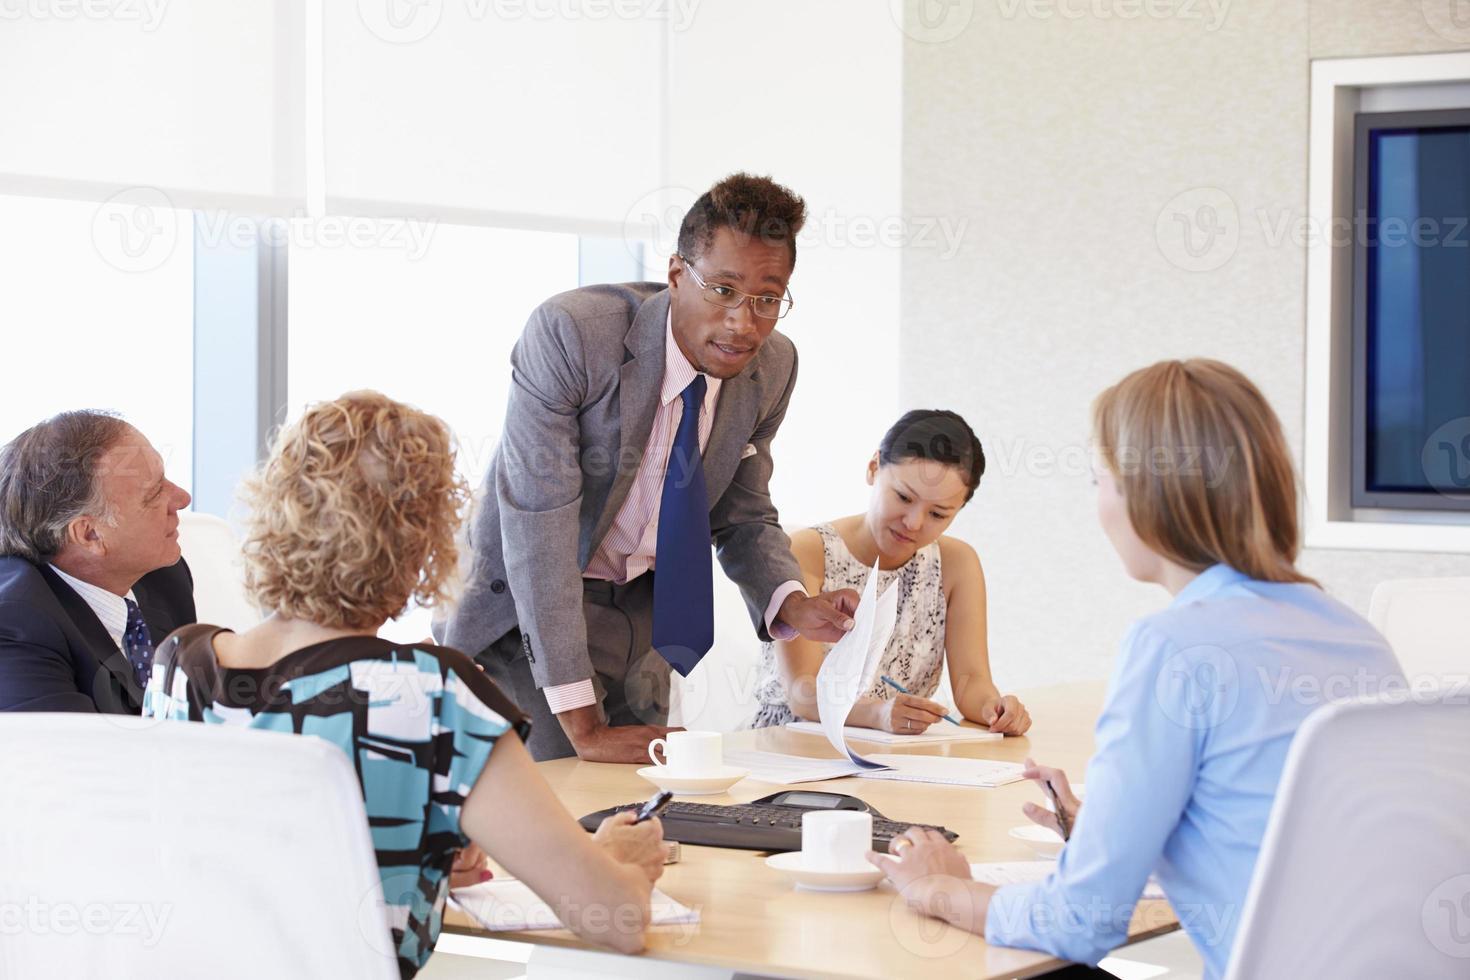 cinco empresarios reunidos en la sala de juntas foto